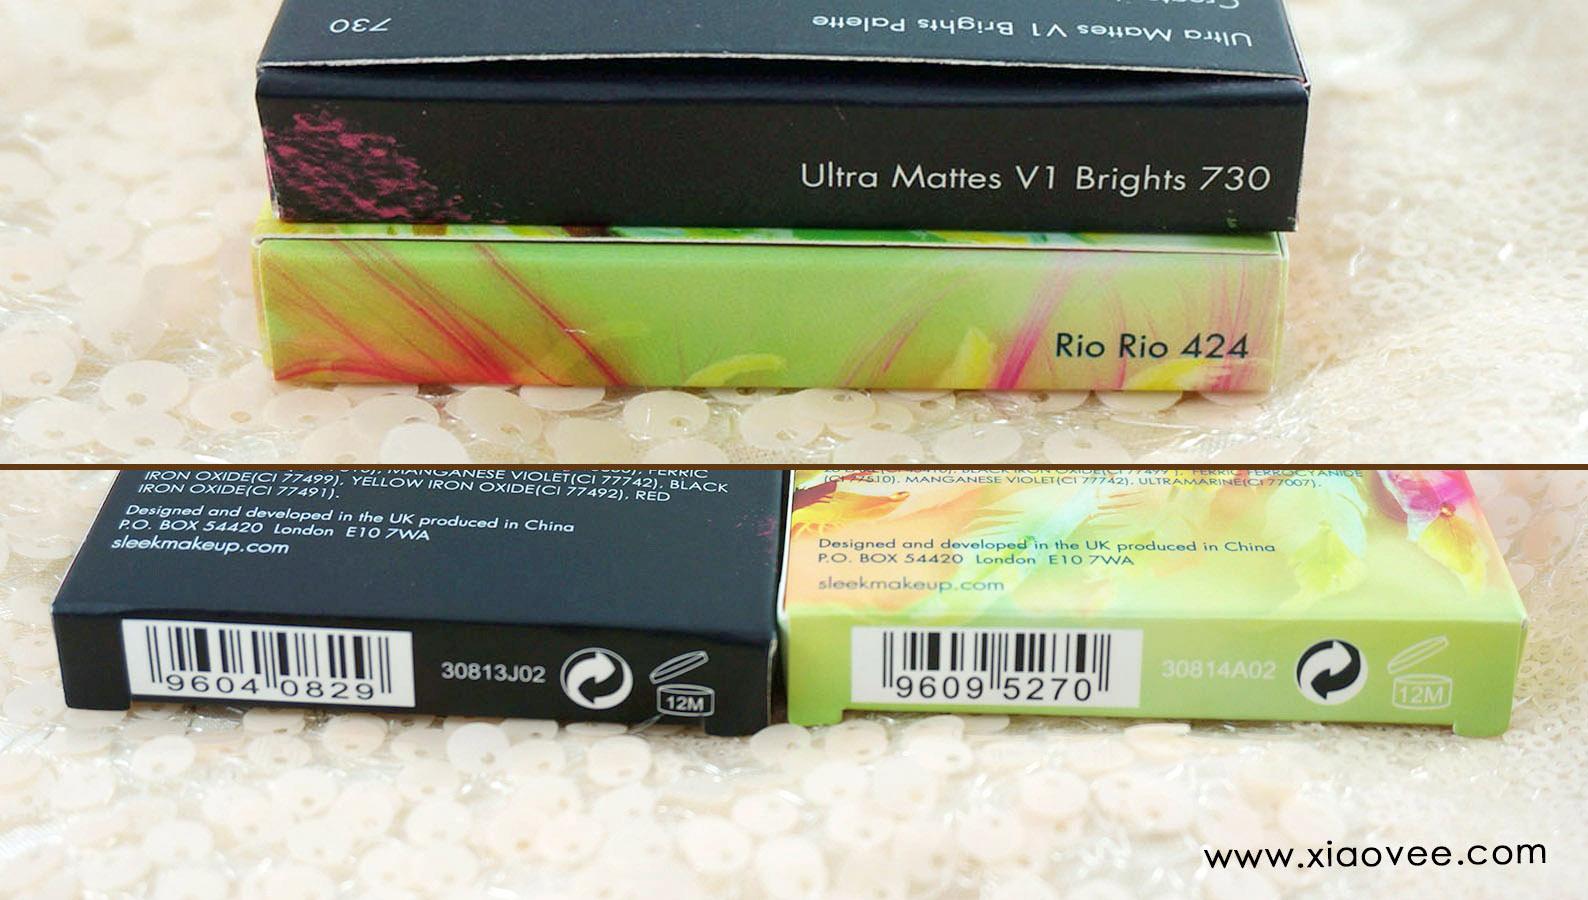 Sleek i-Divine Rio Rio, Sleek i-Divine Ultra Mattes V1 Brights Palette review